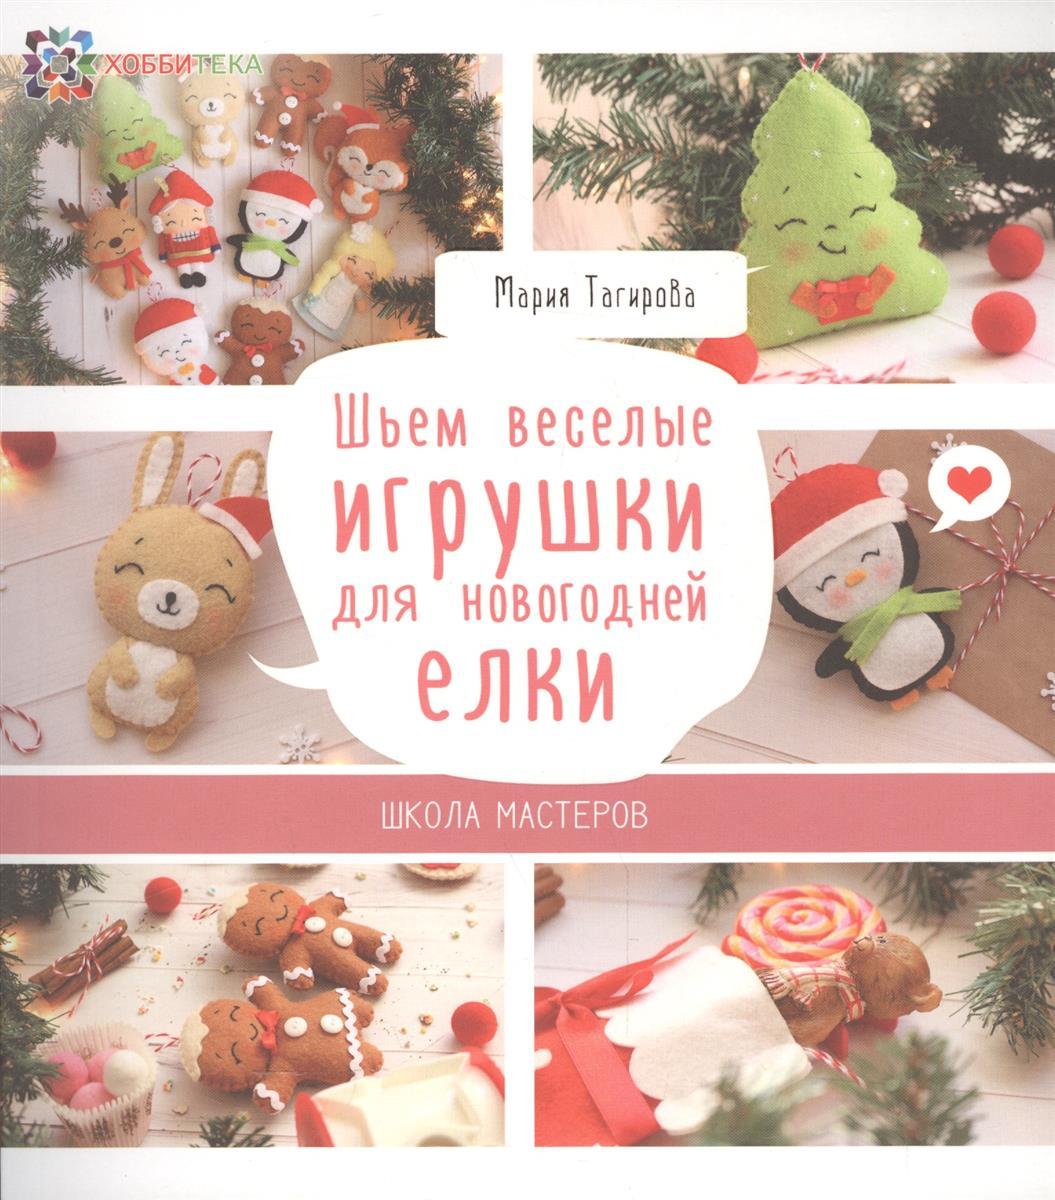 Тагирова М. Шьем веселые игрушки для новогодней елки шахова м новогодние елки и игрушки